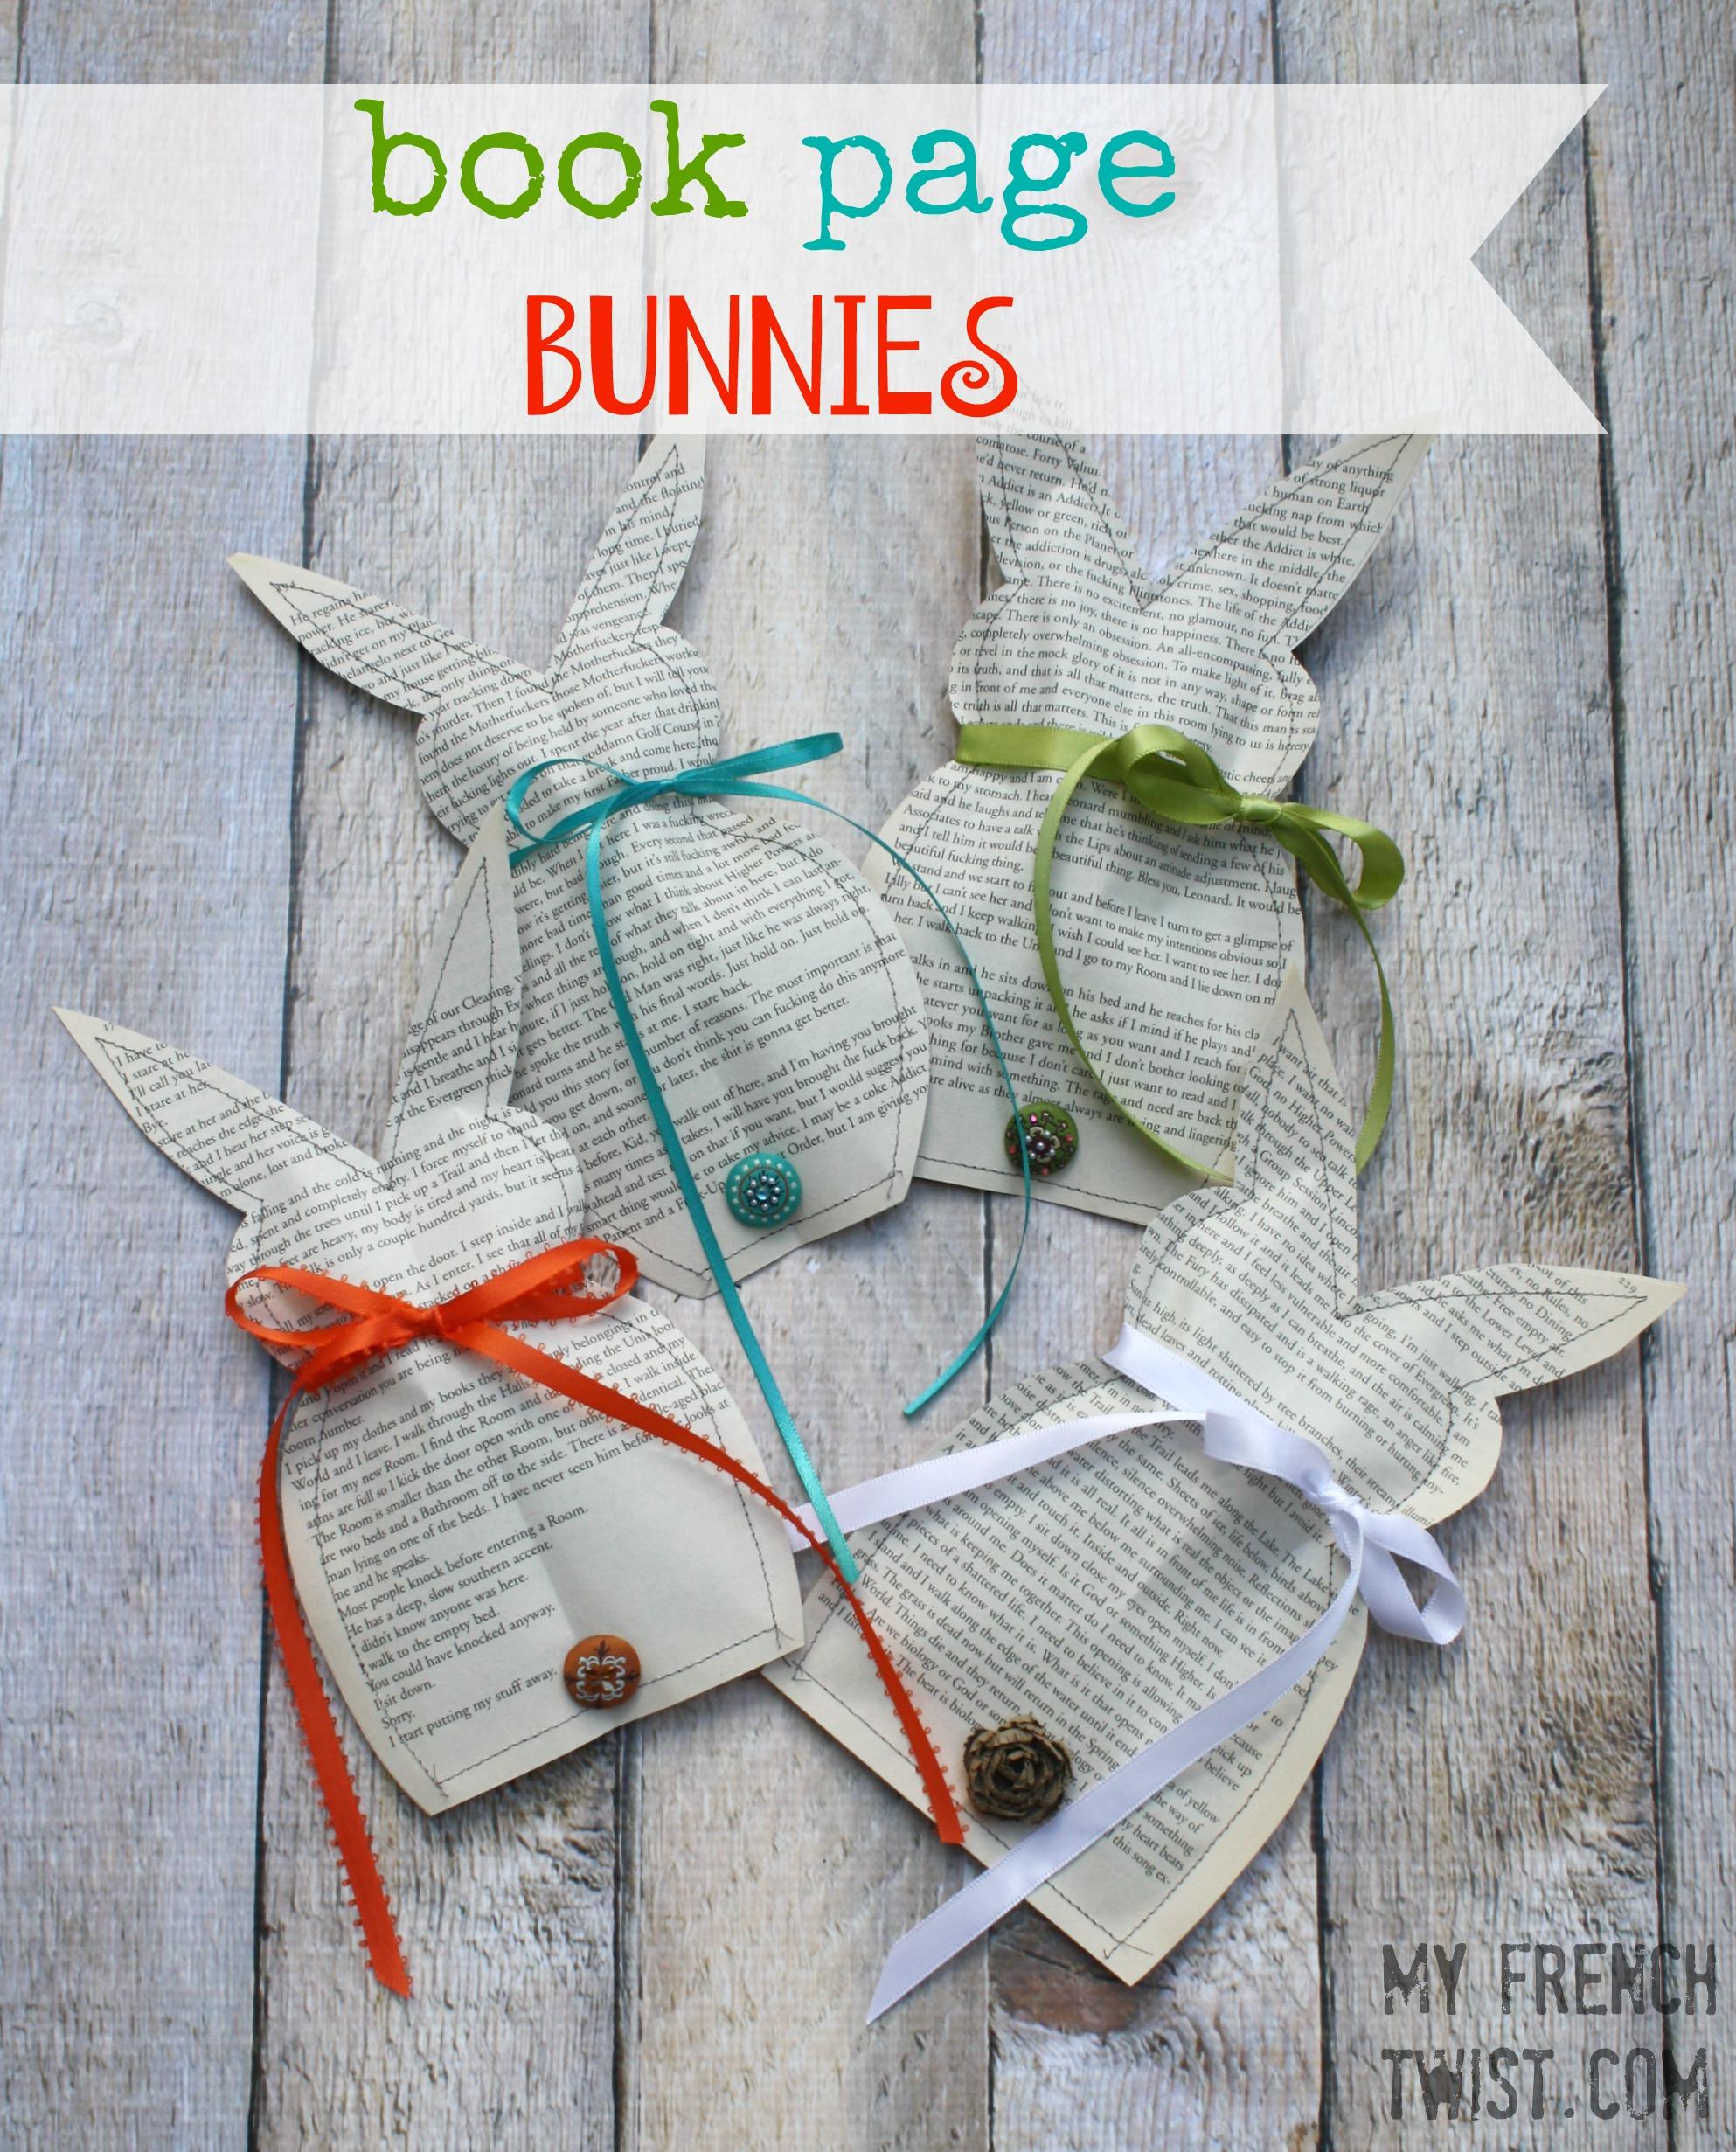 book club bunnies - myfrenchtwist.com